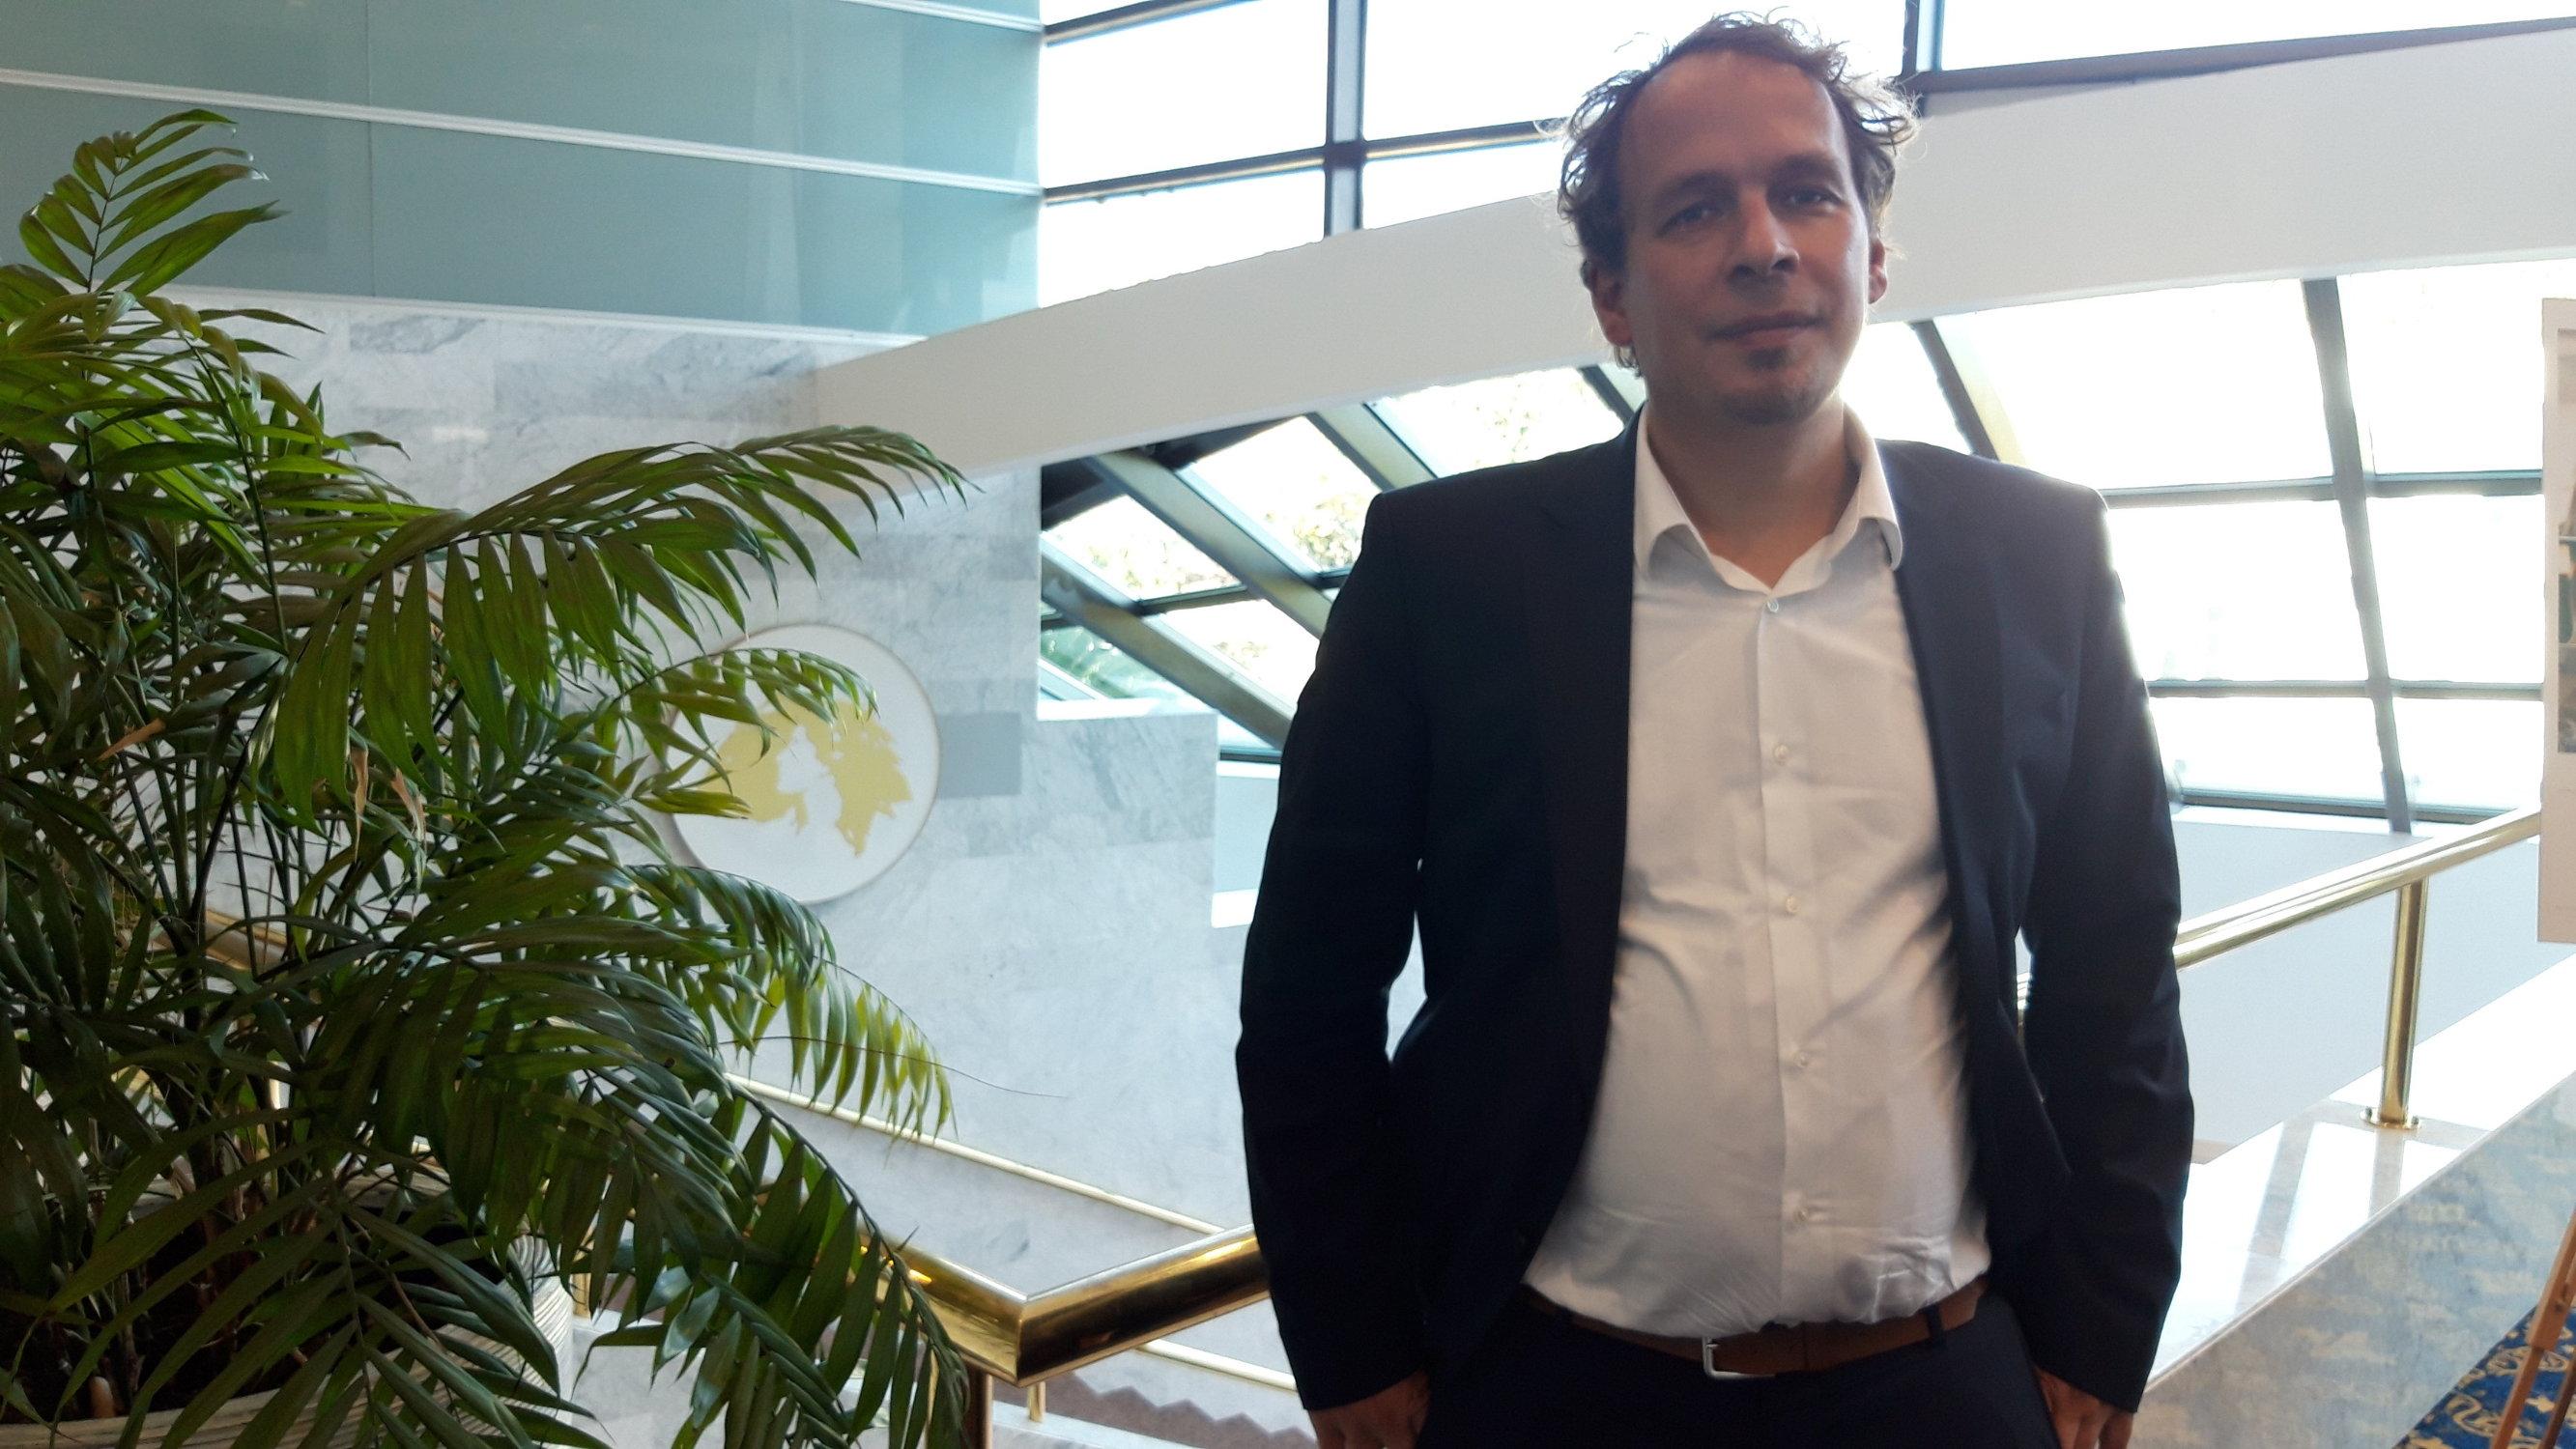 Ulli Waltinger, osnivač i suvoditelj AI lab-a u kompaniji  Siemens Corporate Technology